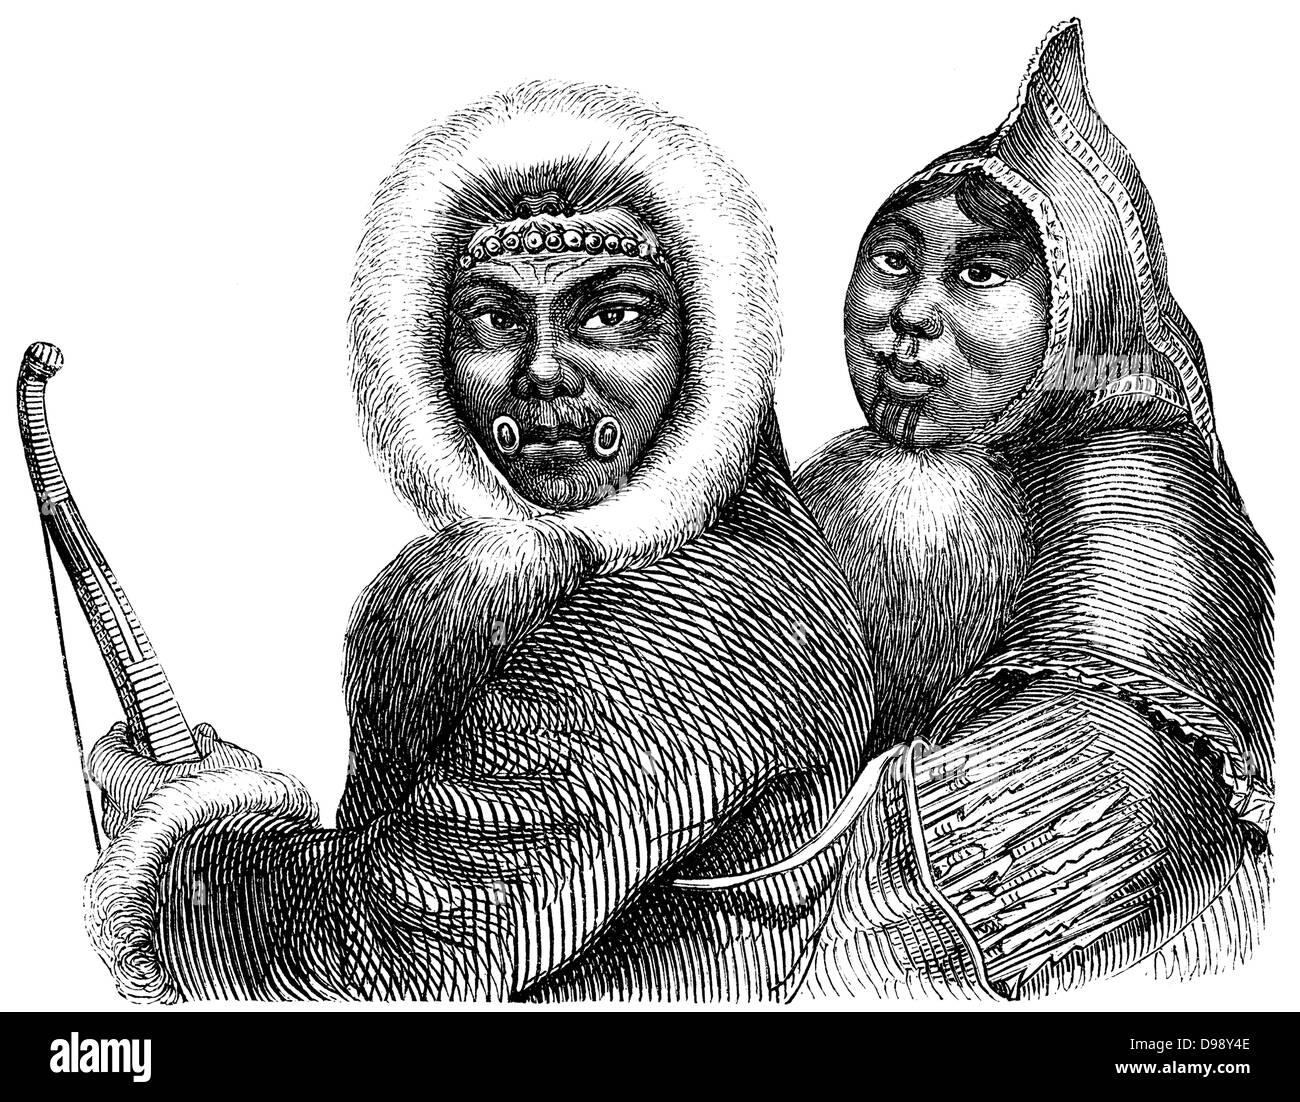 Les Inuits, les gens photo du 19ème siècle, 1864, Germany, Europe Photo Stock